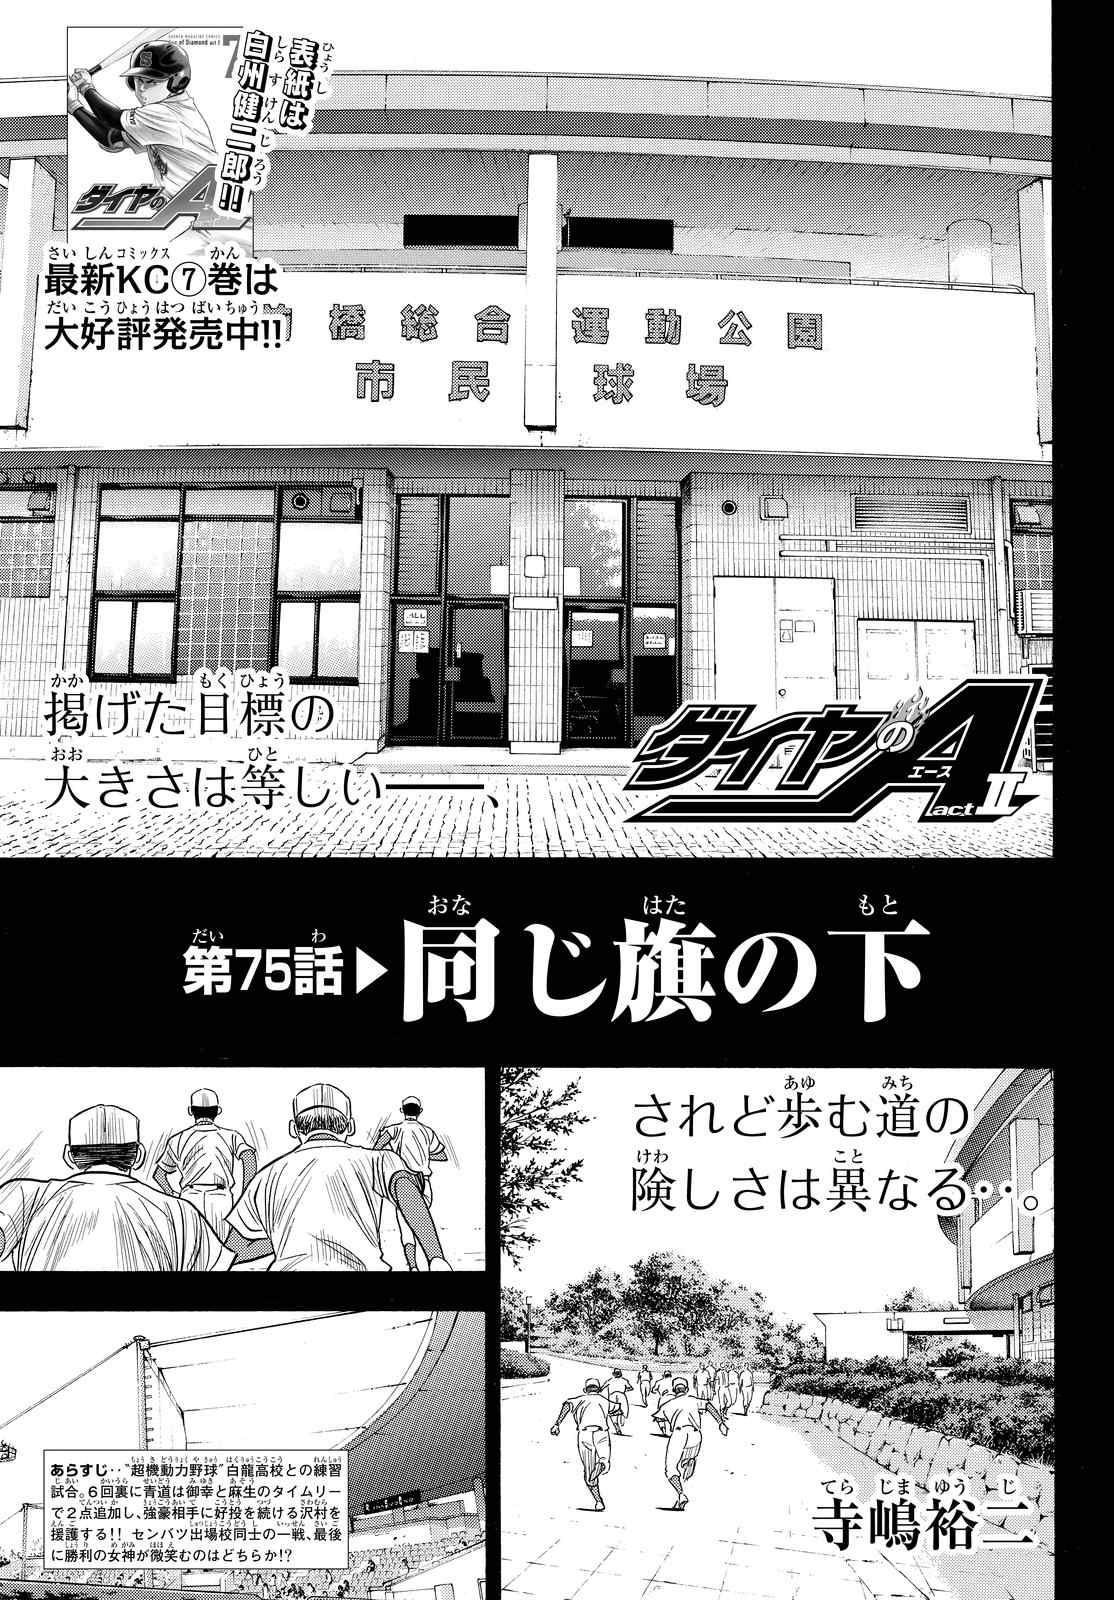 Daiya no A Act II - Chapter 075 - Page 1